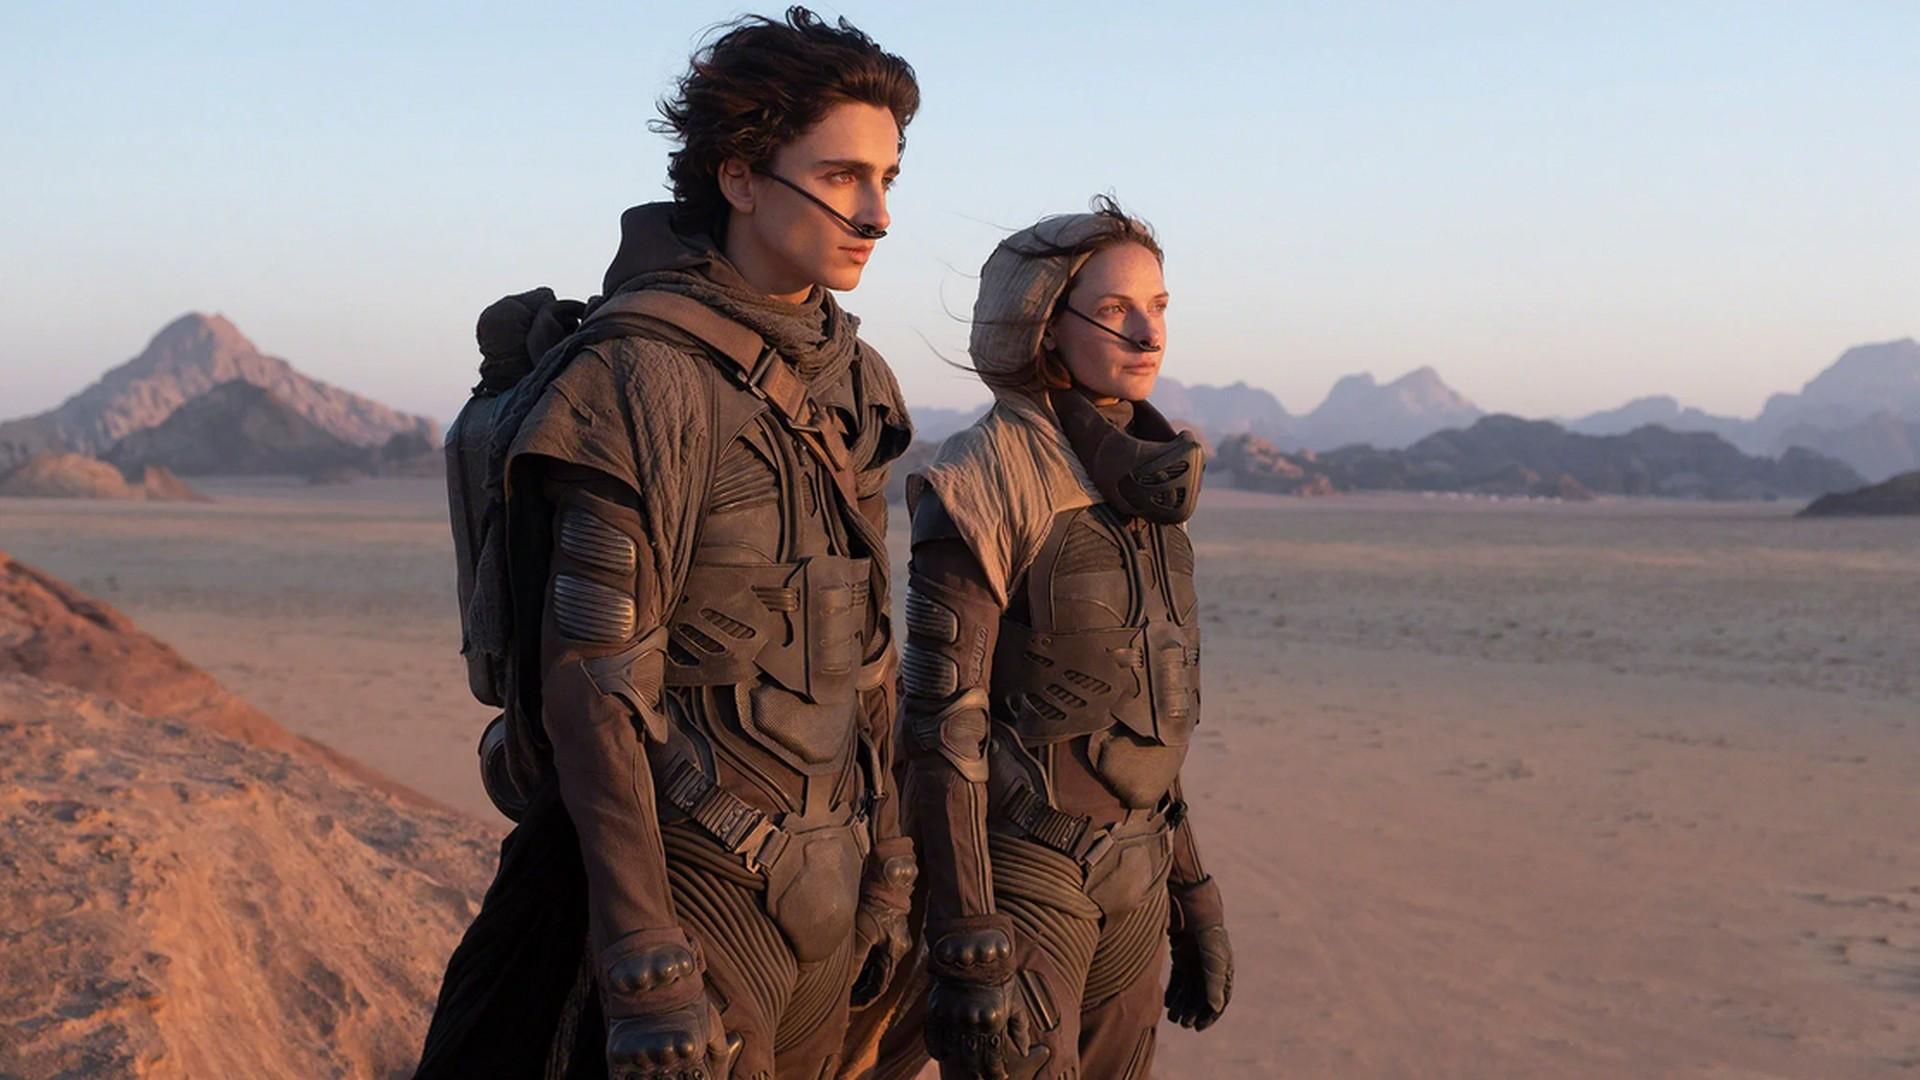 Dune : les premières photos prouvent que Villeneuve a compris cette œuvre écologique et futuriste